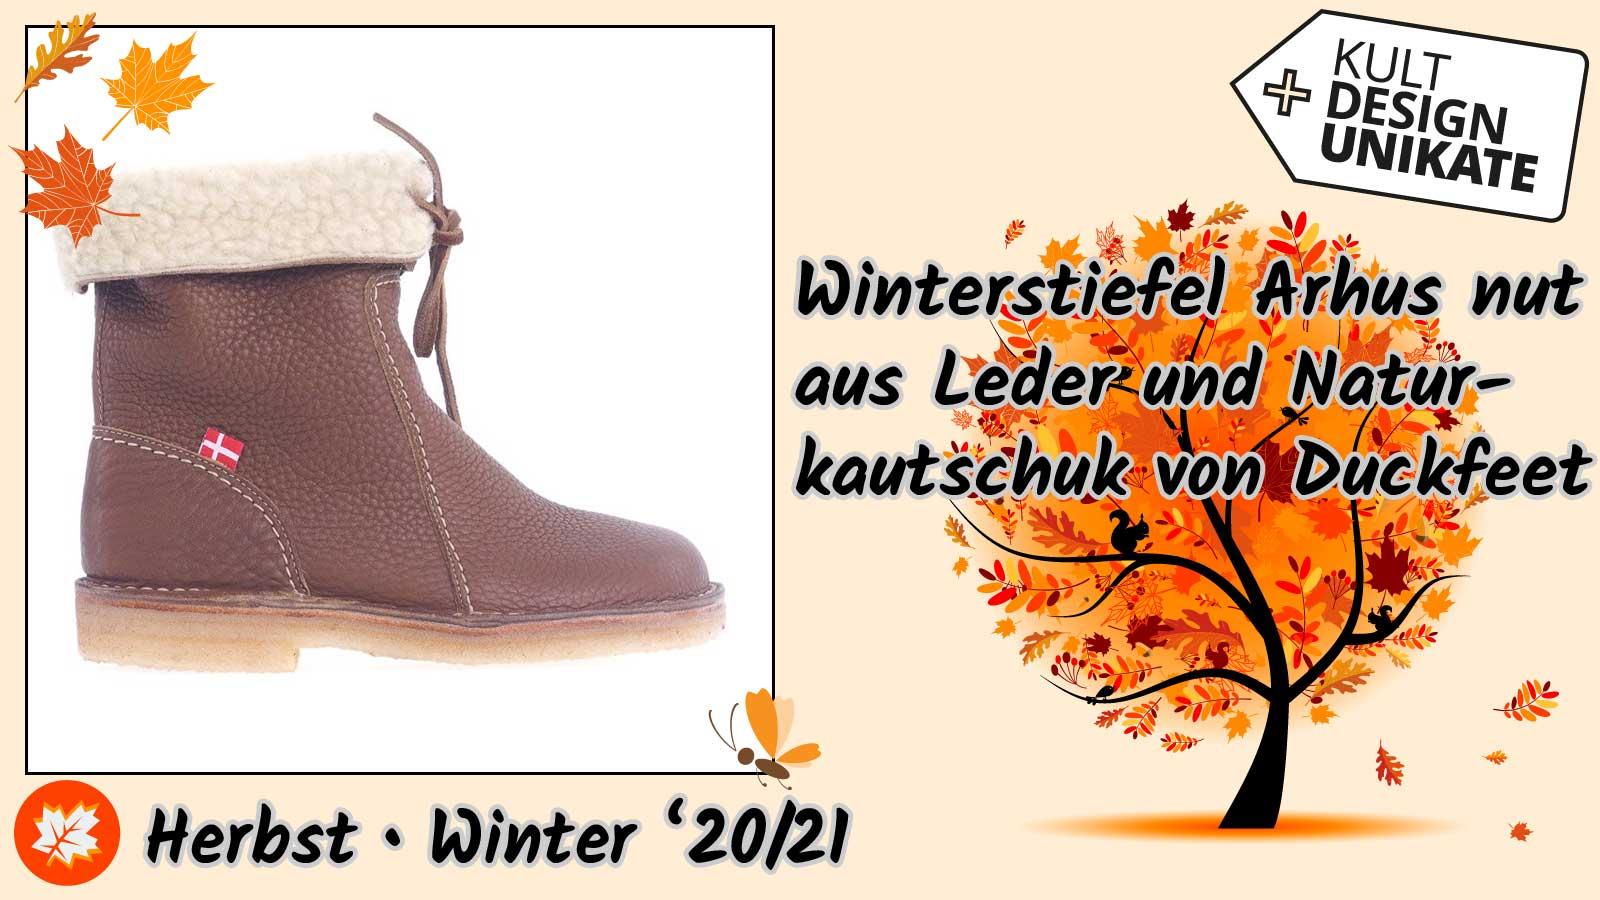 Duckfeet-Winterstiefel-Arhus-nut